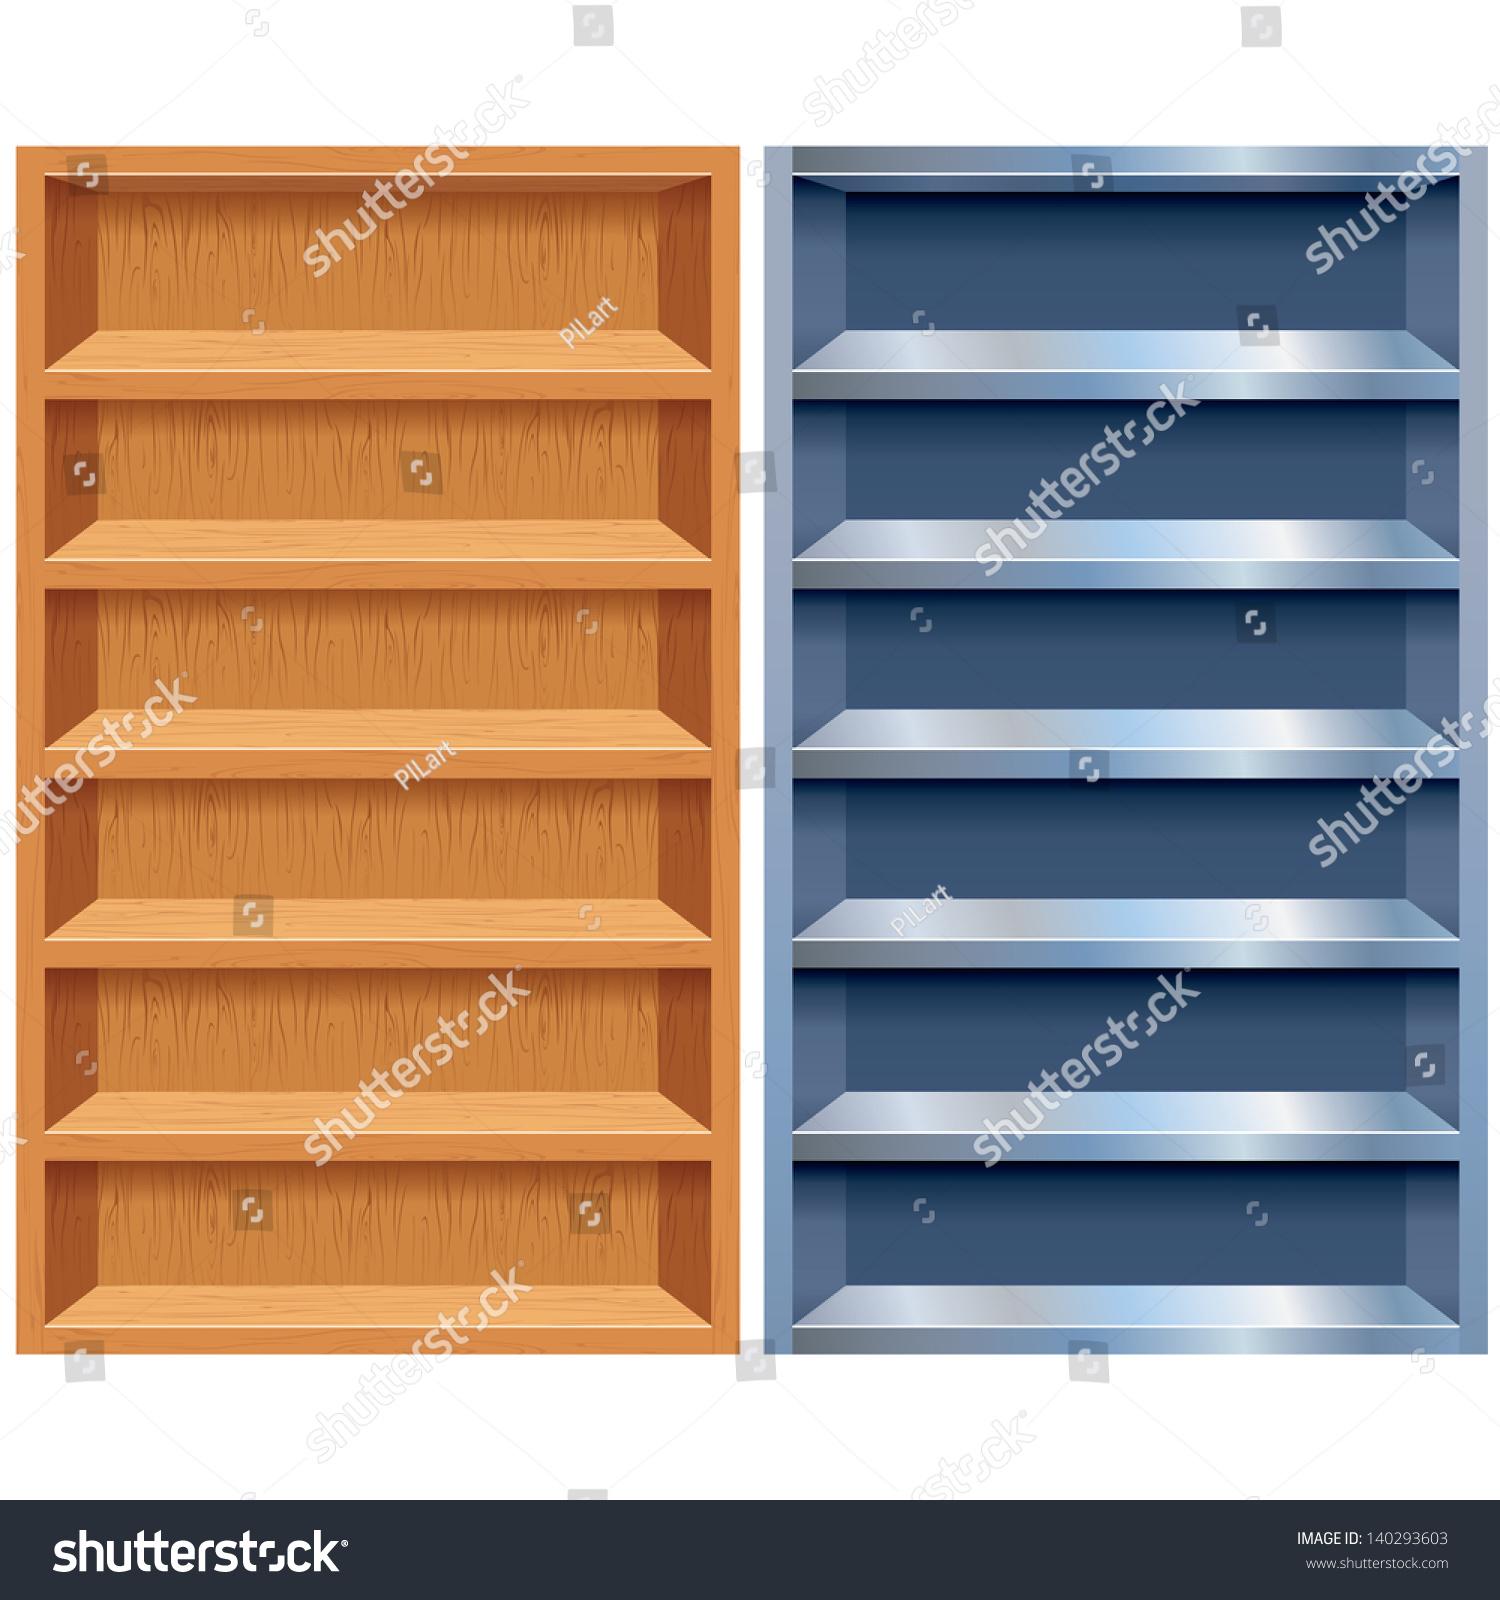 Empty Wooden Steel Cabinet Vector Design Stock Vector 140293603 ...